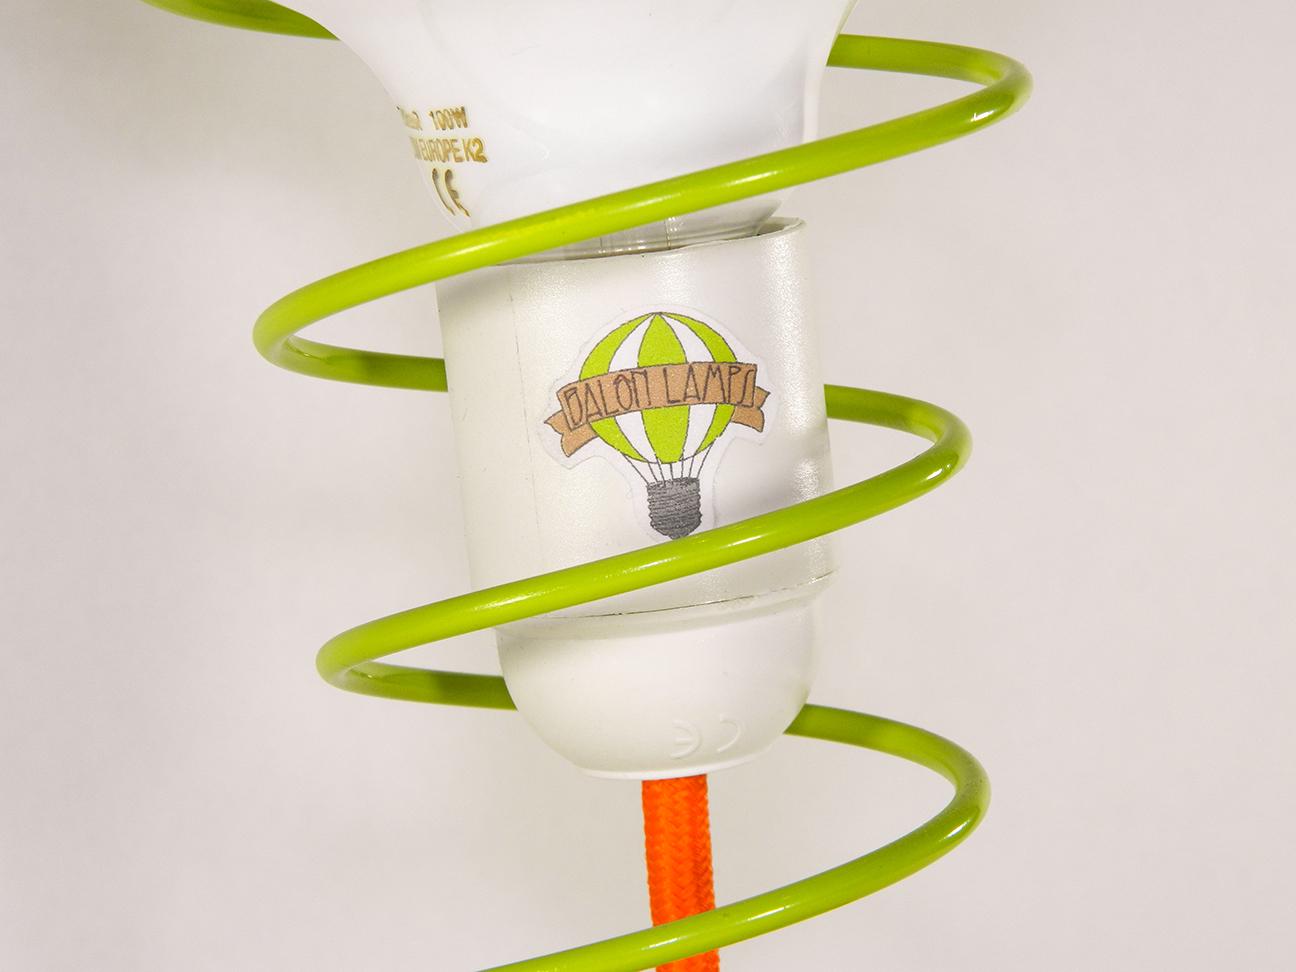 Lampade Riciclo Creativo: Riciclo creativo bottiglie vetro non ...